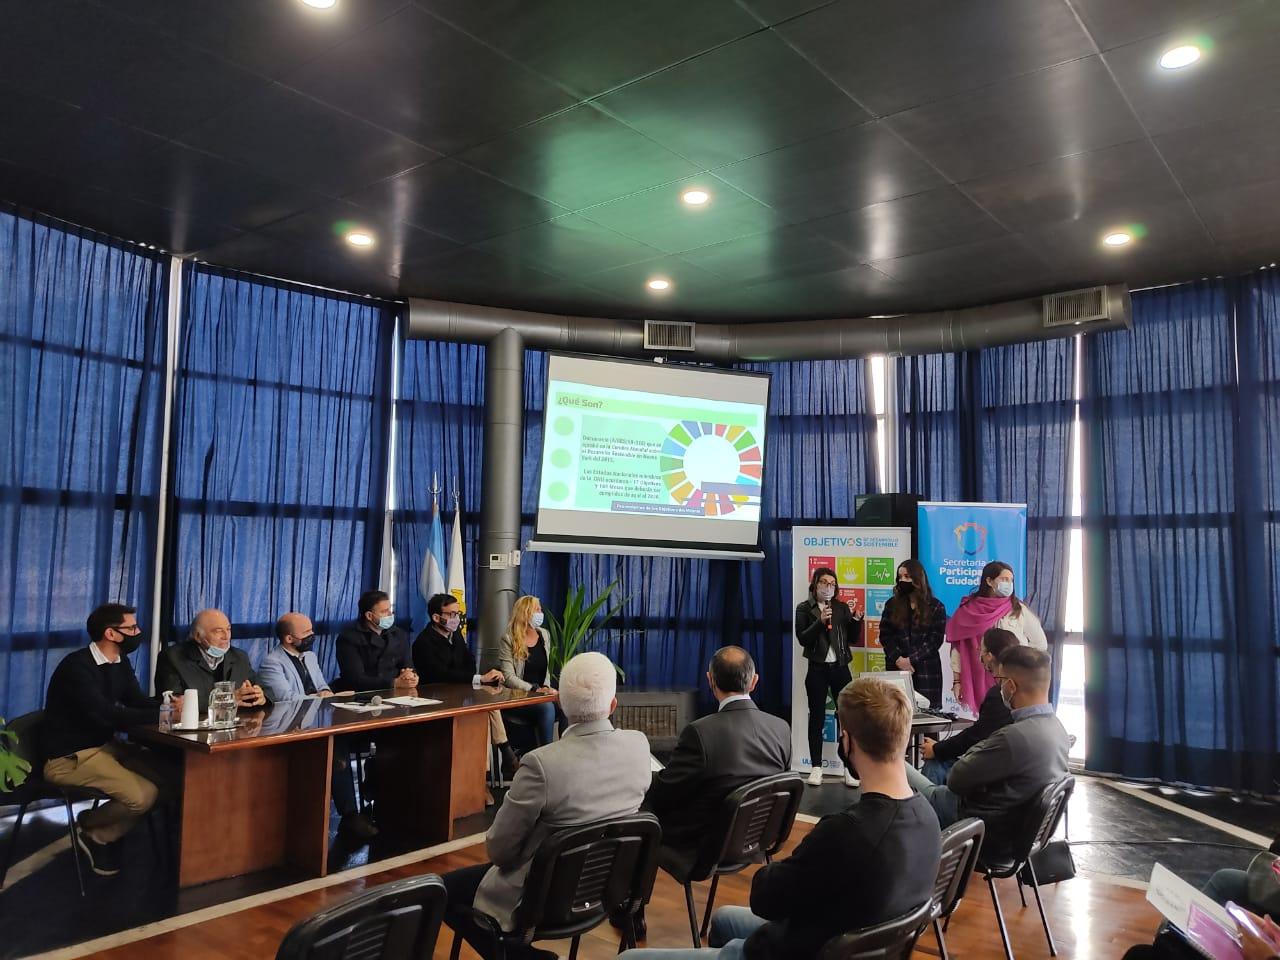 Proyecto ODS-Municipal: estudiantes visitaron los CPC para presentar su propuesta